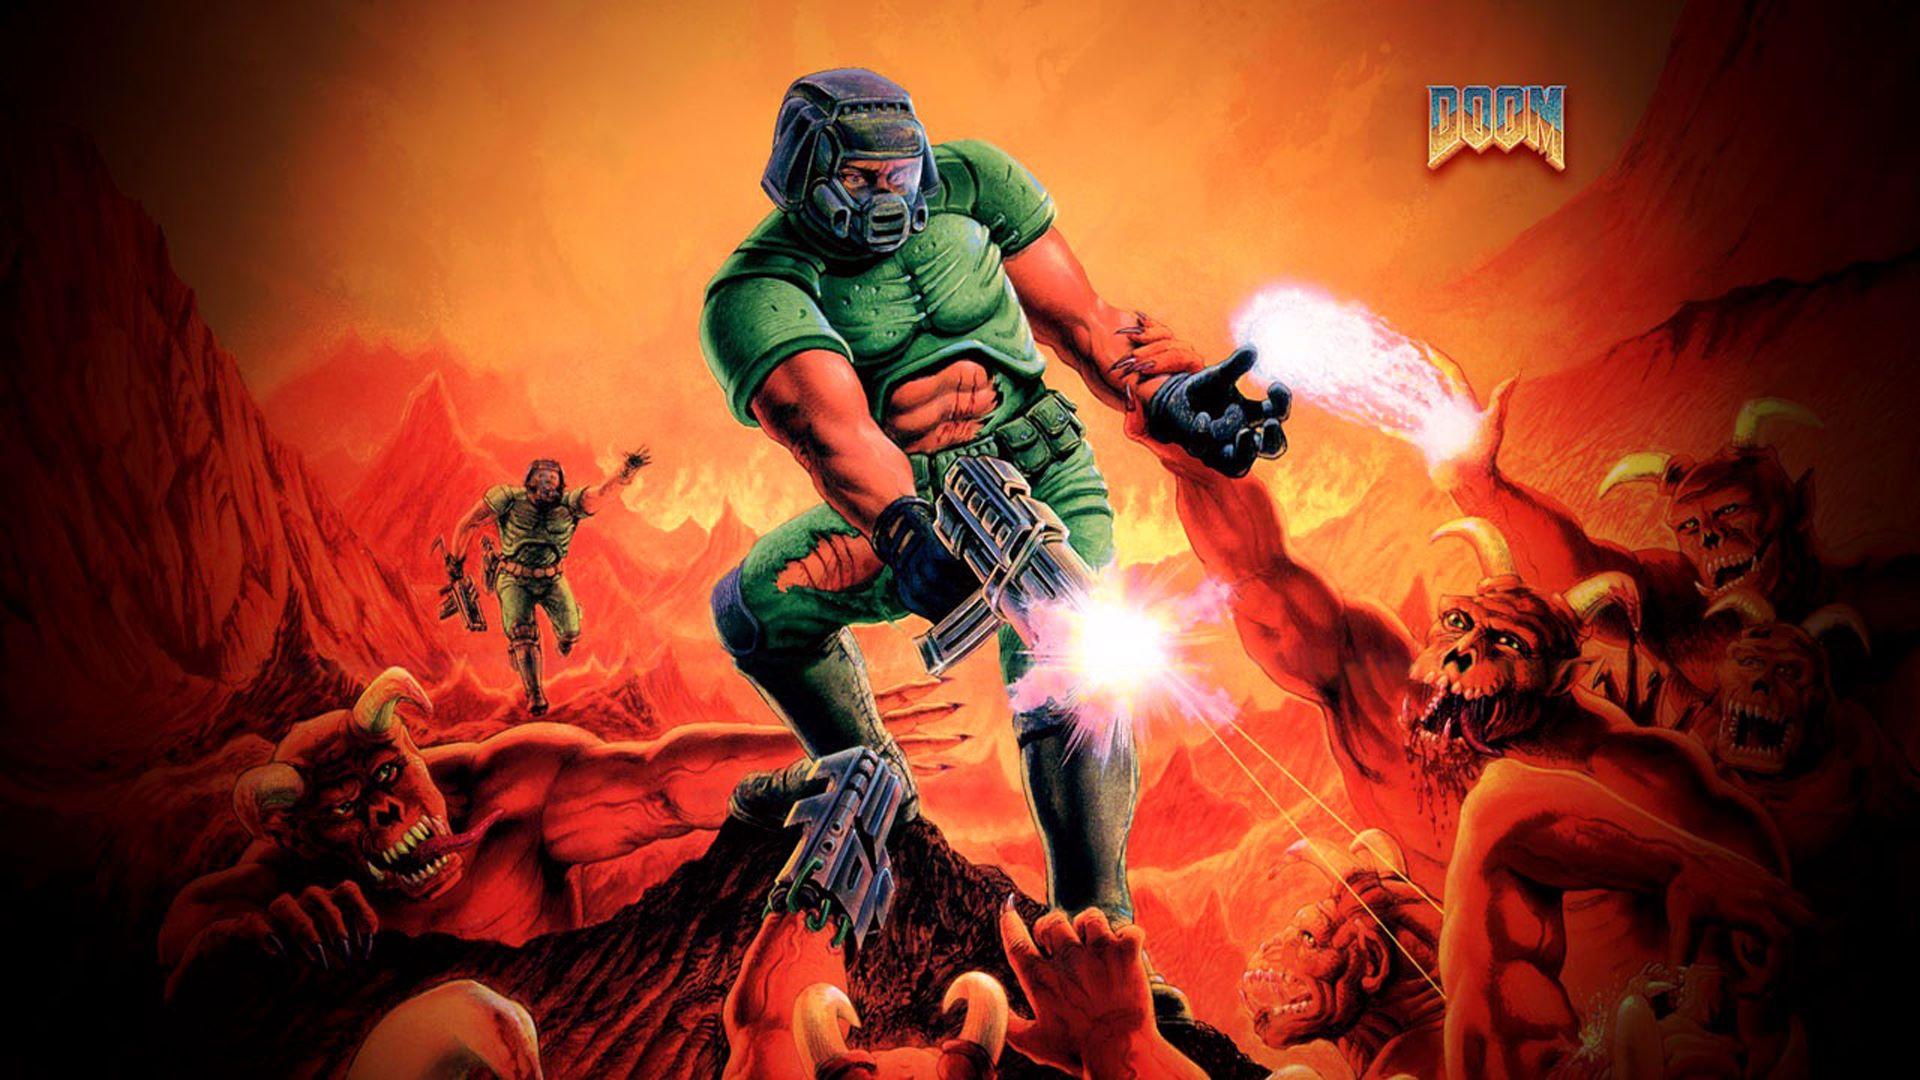 Videojuego Doom celebra 25 aniversario con nuevos niveles